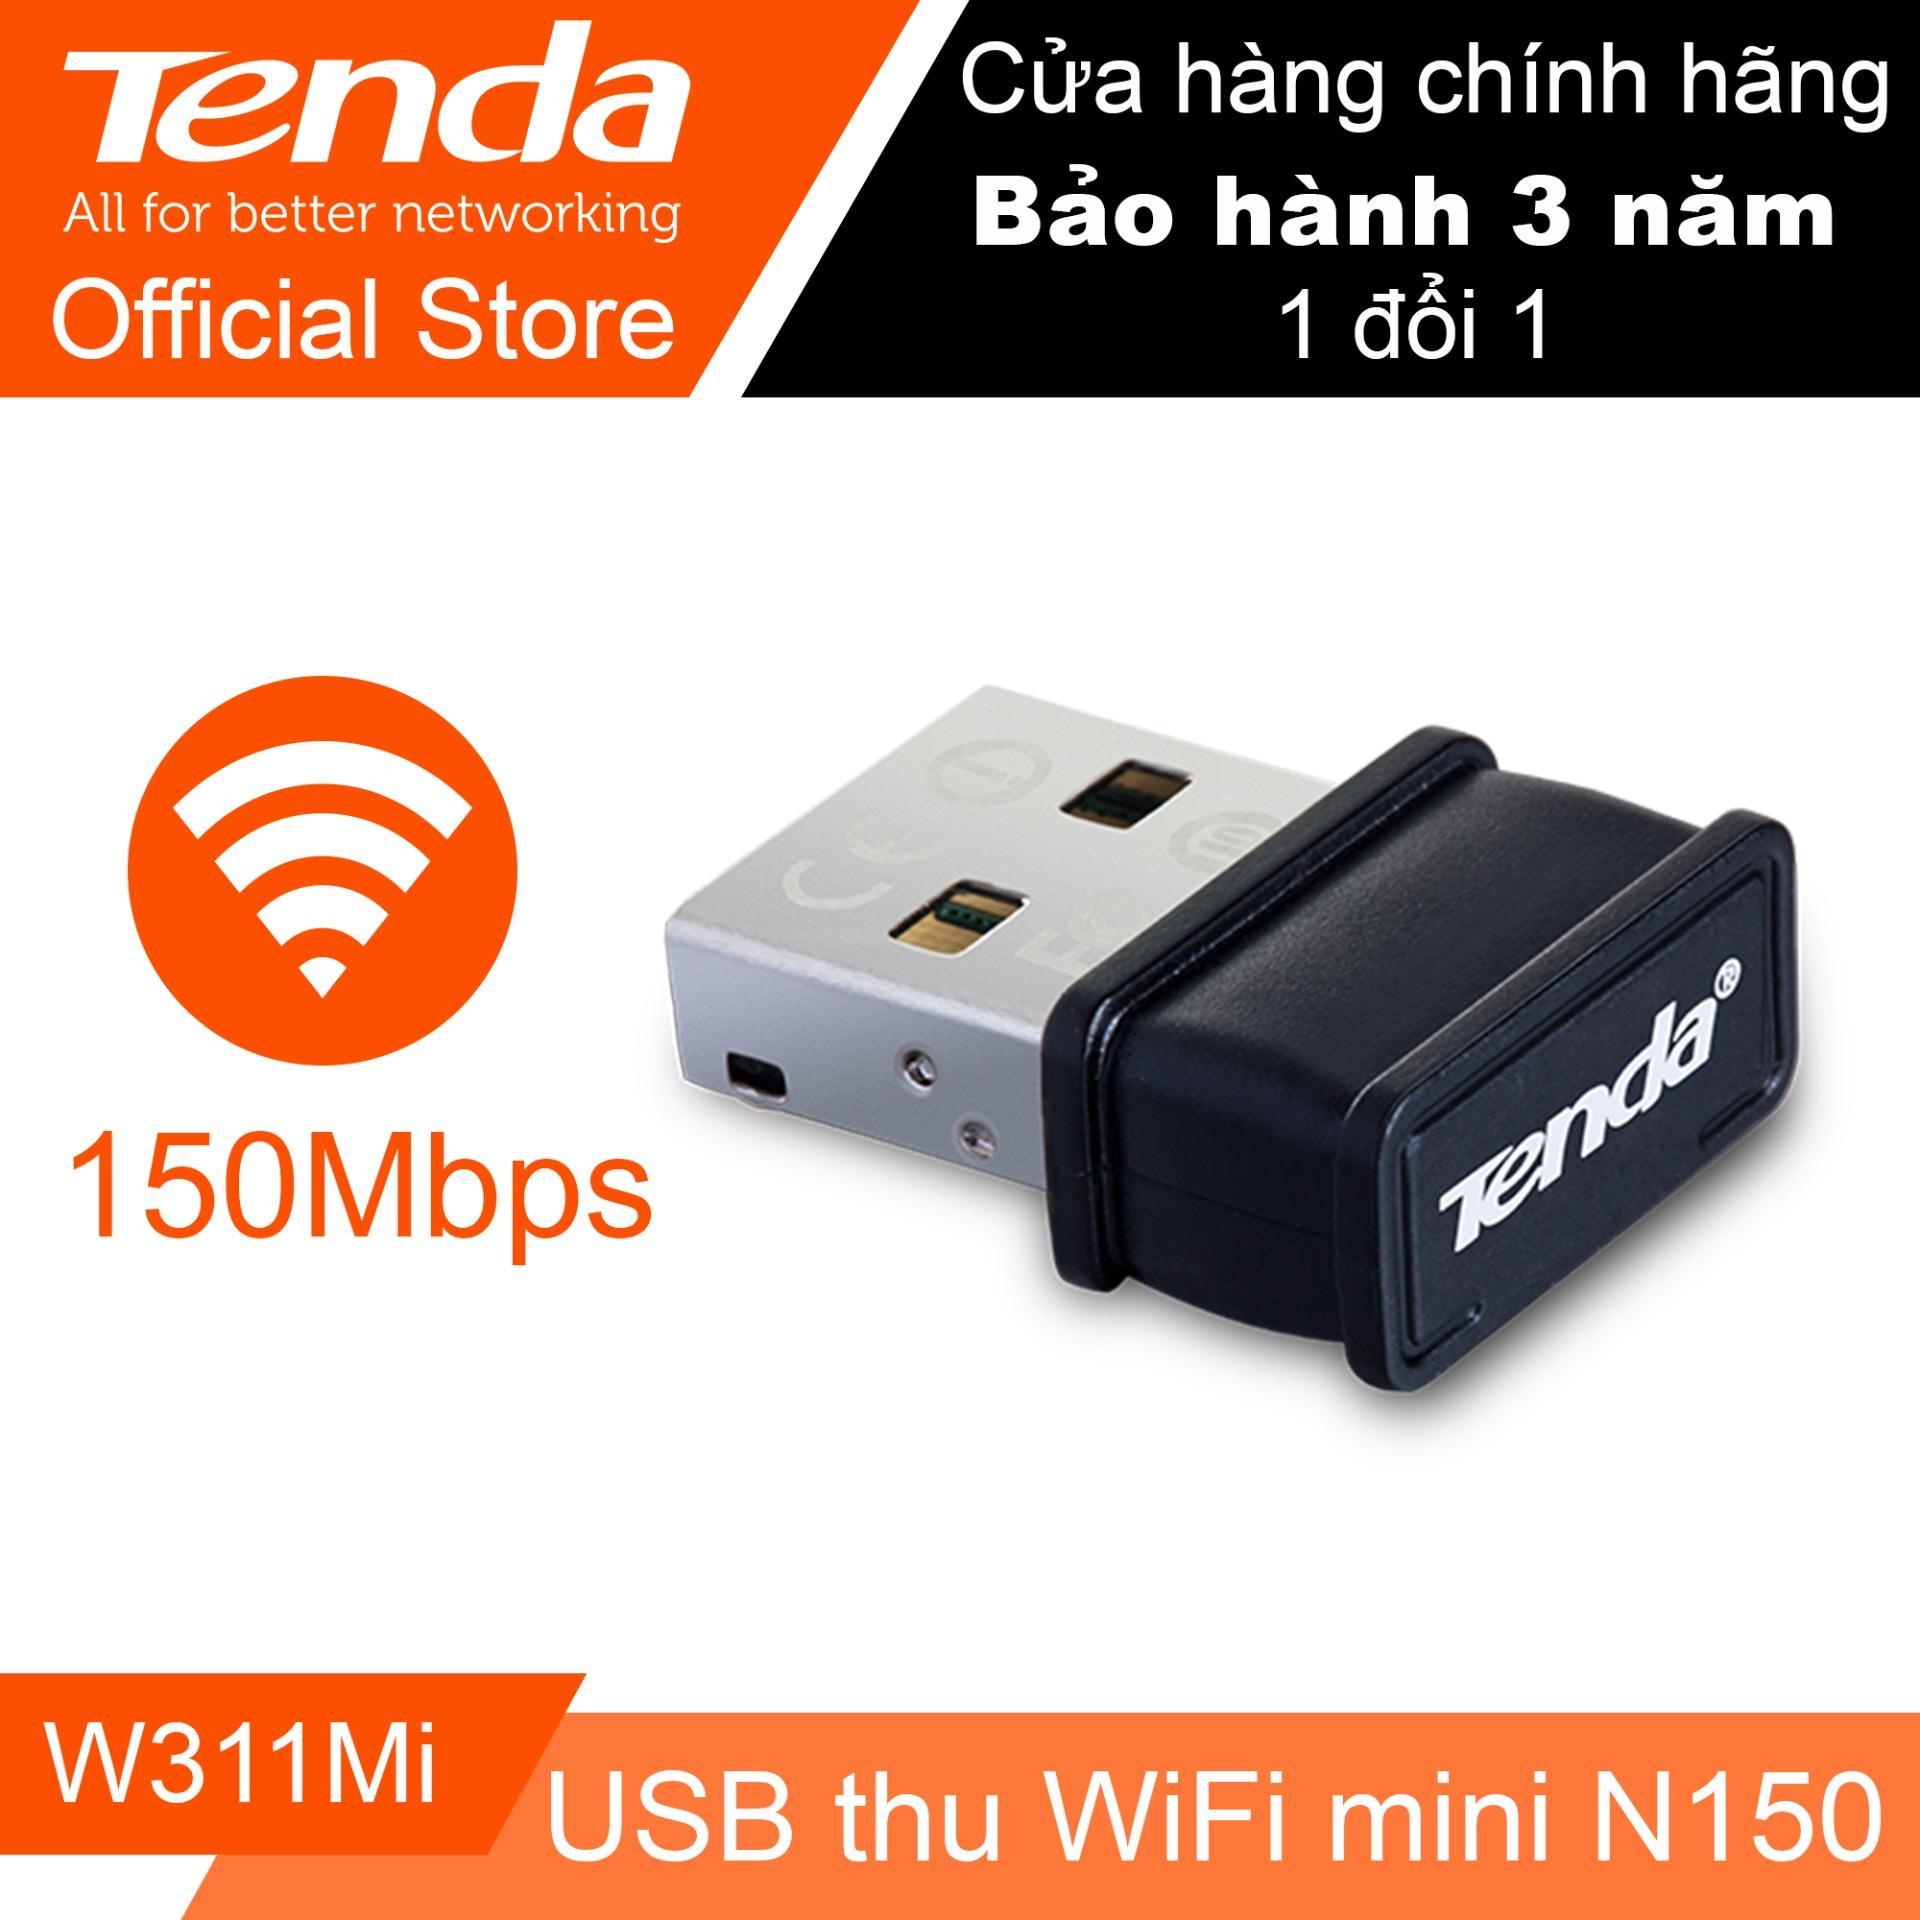 Hình ảnh USB thu sóng Wifi tốc độ 150Mbps Tenda W311Mi (Đen) - Hãng Phân phối chính thức